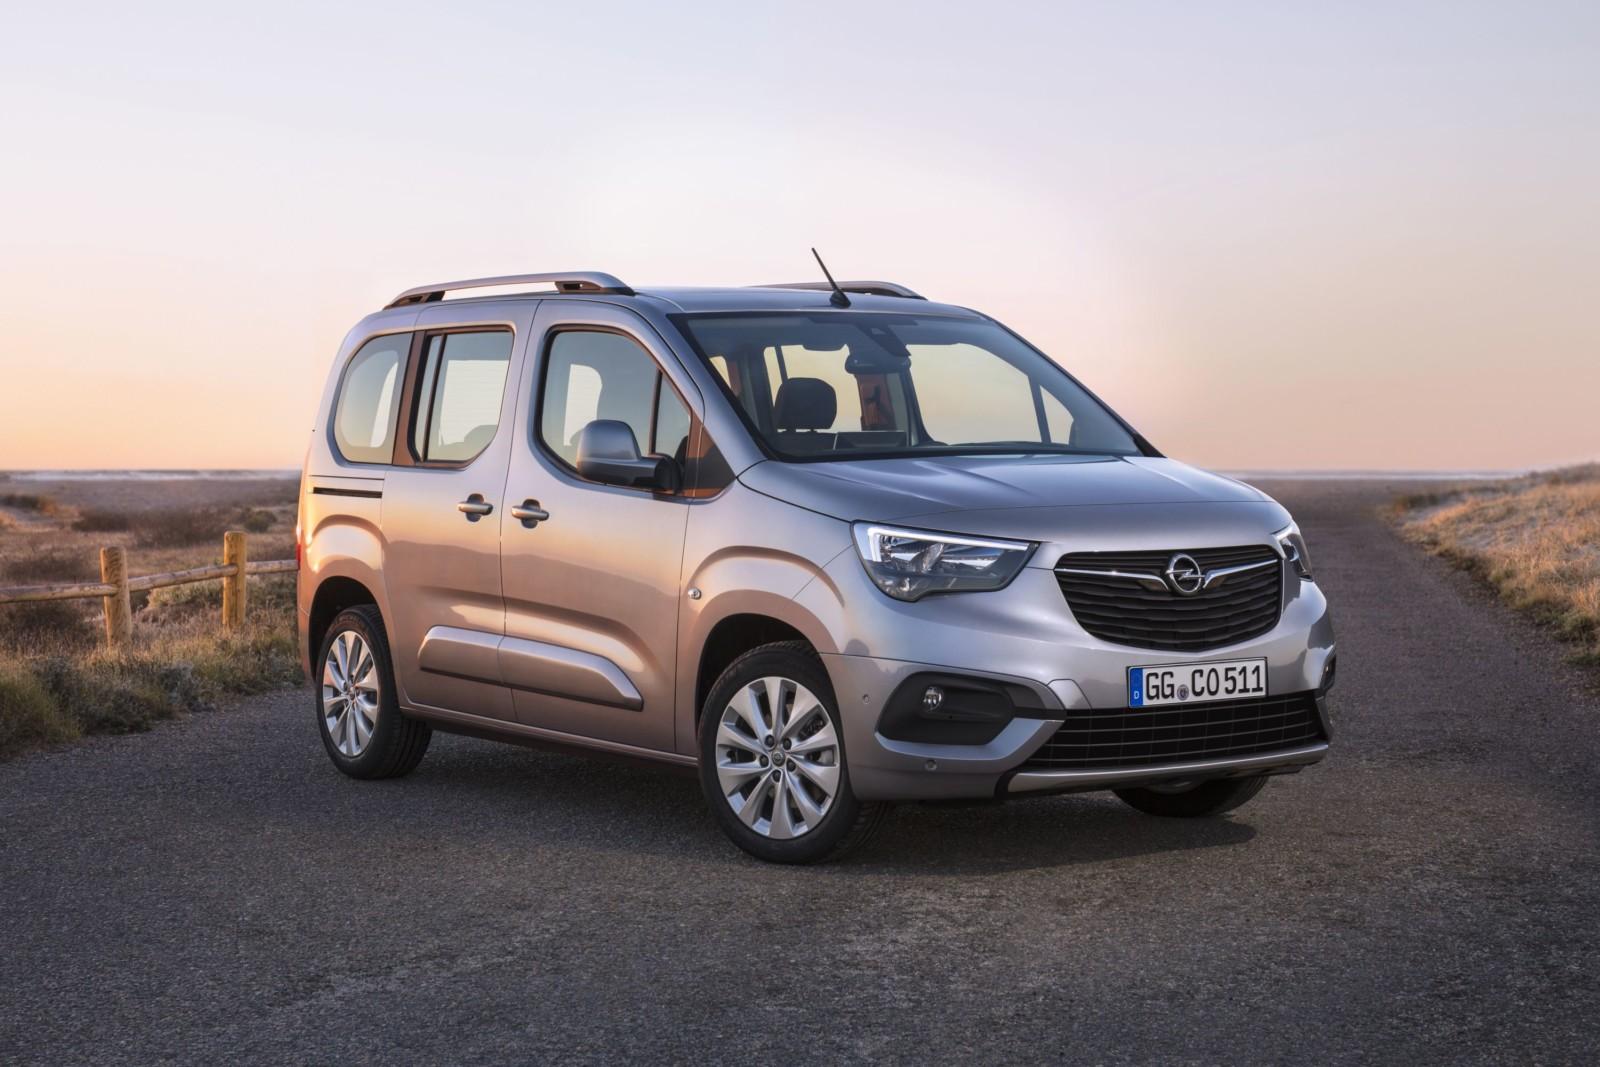 Opel Combo E Nowy Kombivan W Sprzedaży Od I Połowy 2018 Roku